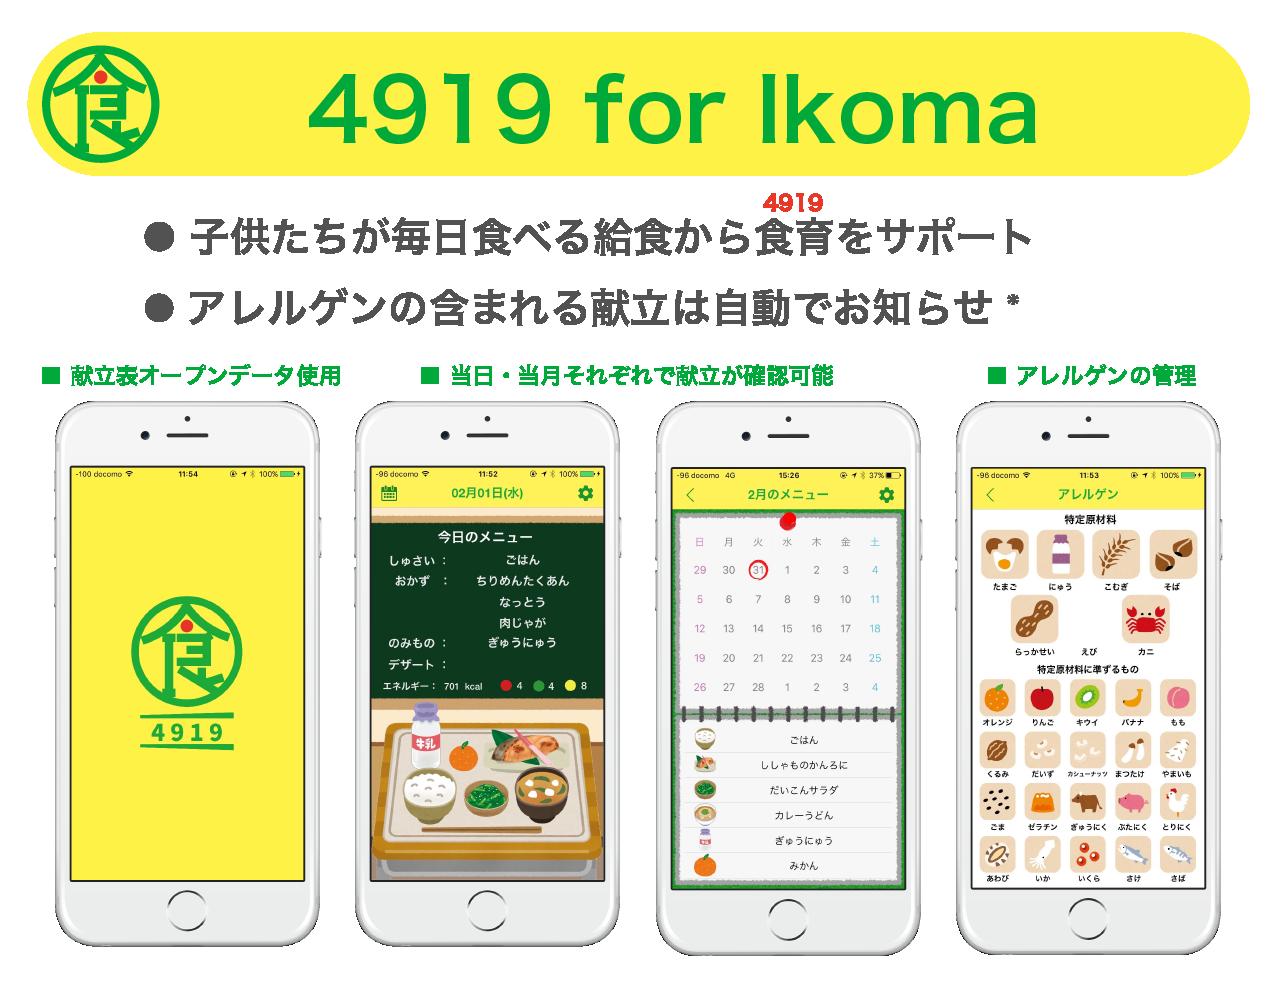 4919 for Ikoma